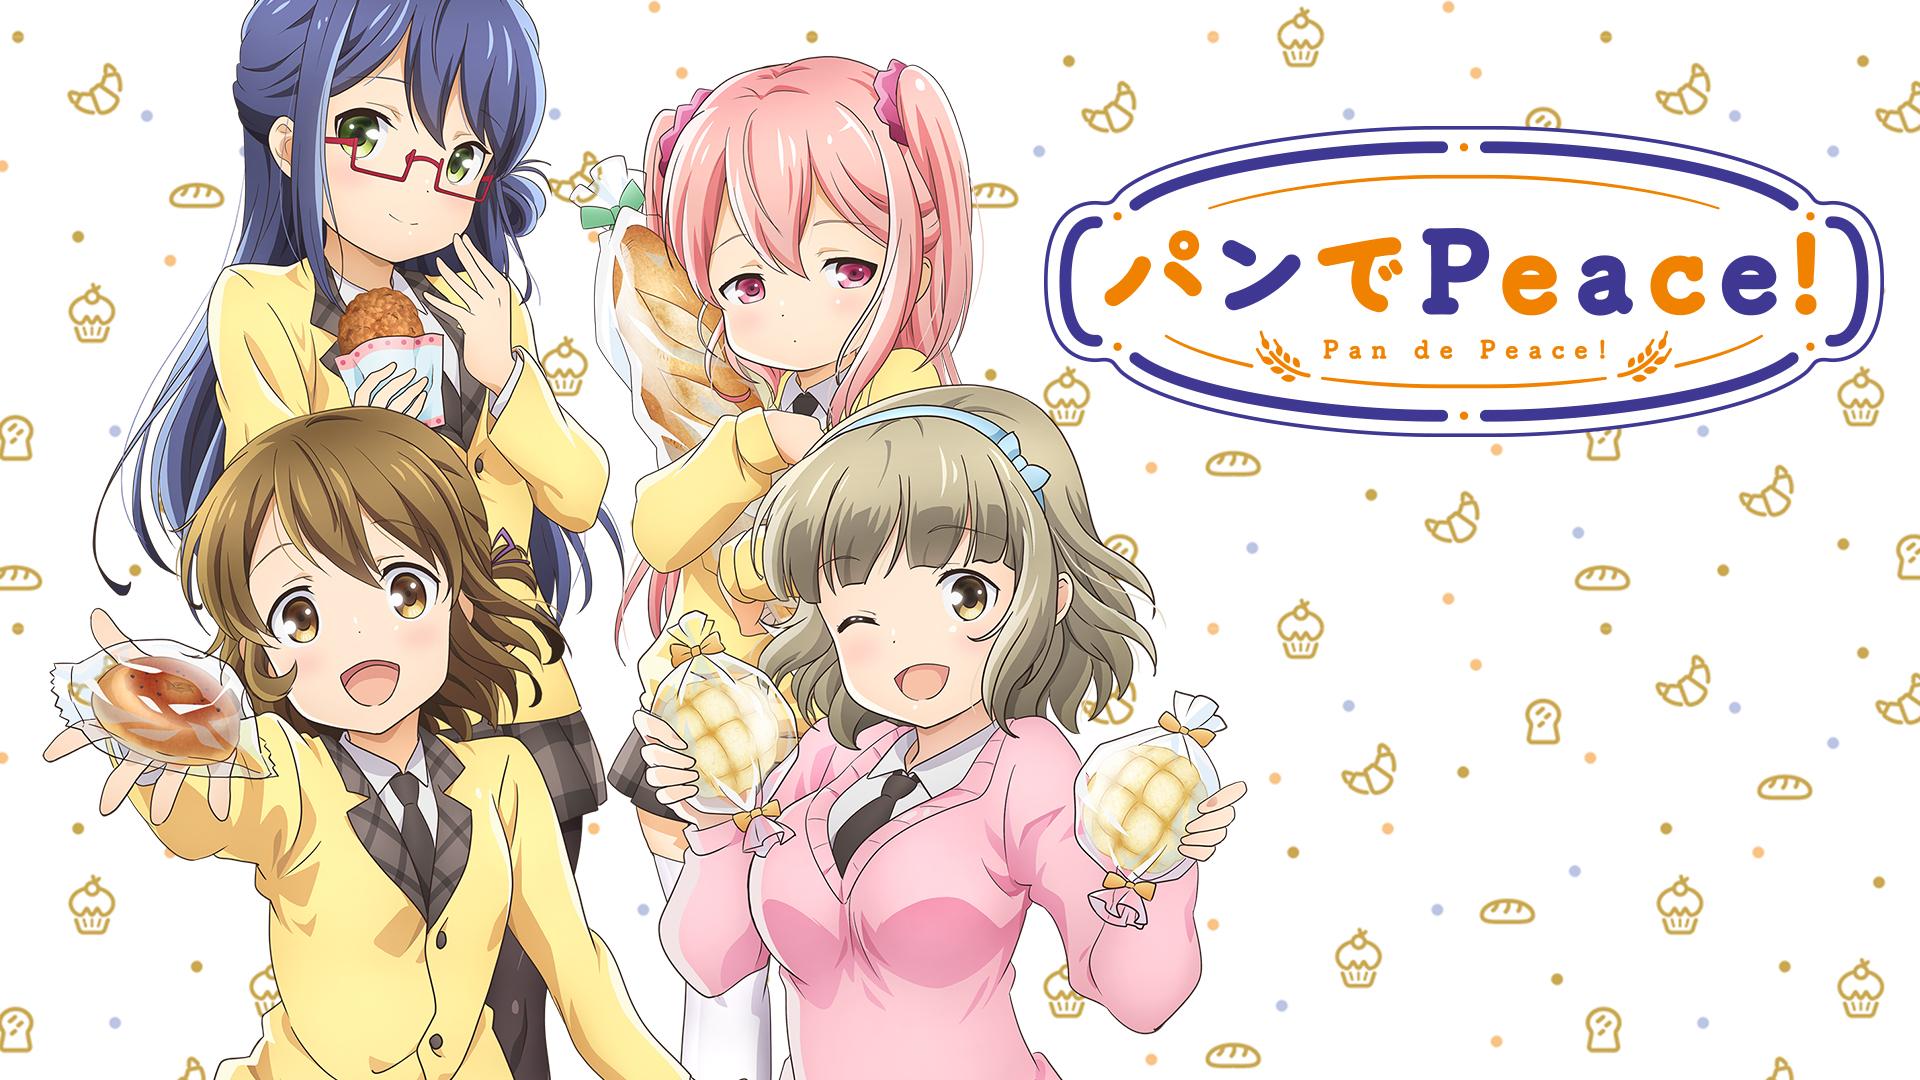 パンでPeace!(dアニメストア)